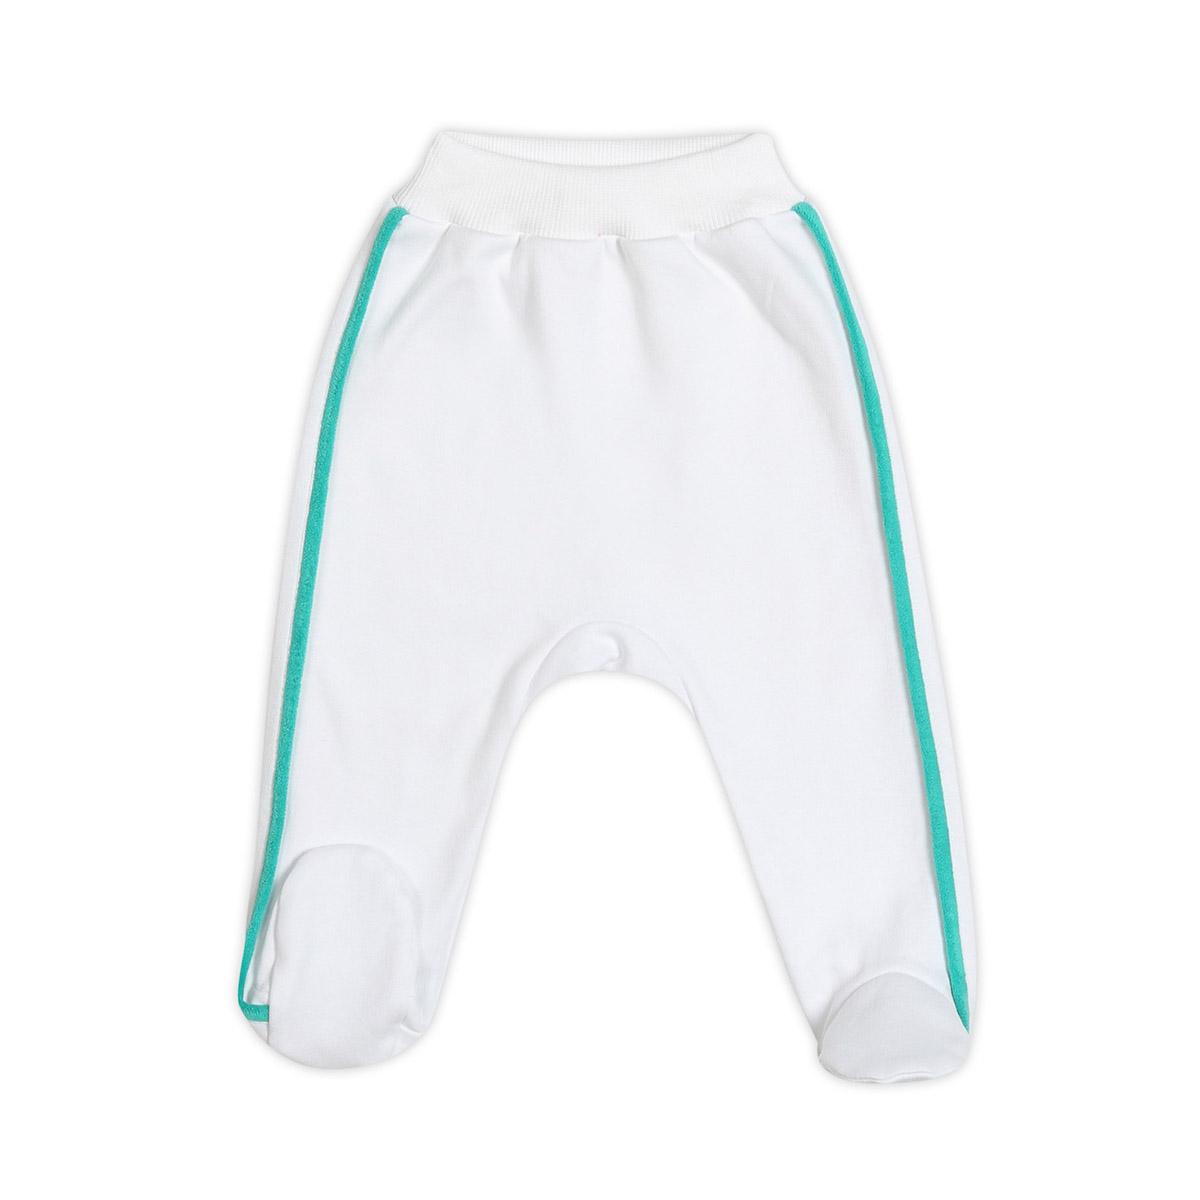 Ползунки с ножками Ёмаё Спорт (26-265) рост 80 белый<br>